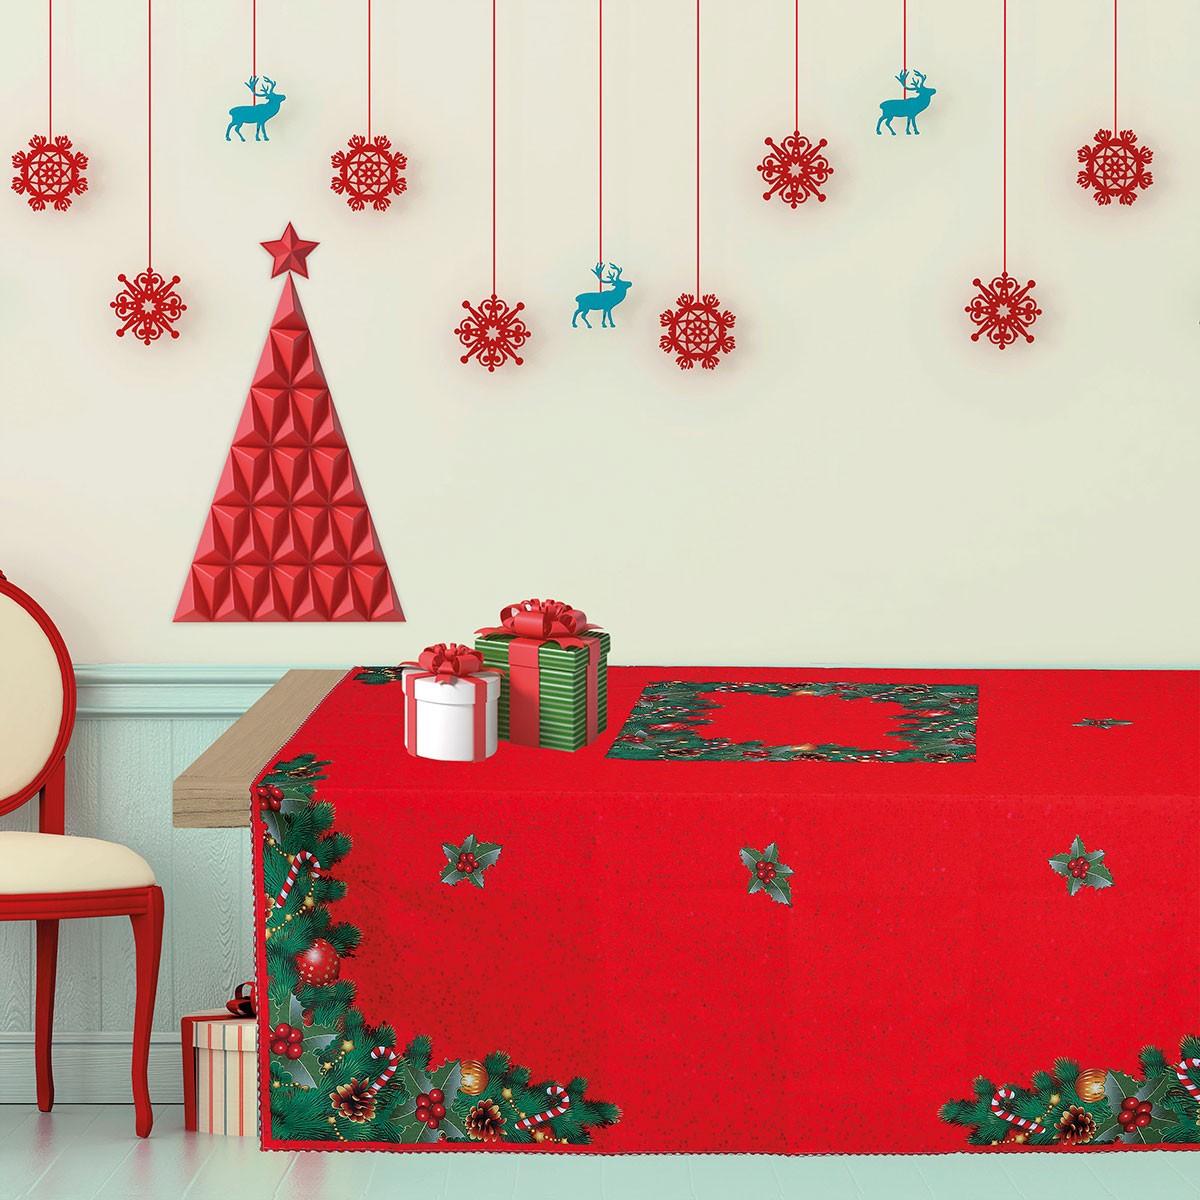 Χριστουγεννιάτικο Τραπεζομάντηλο (140x240) Das Home Kitchen 535